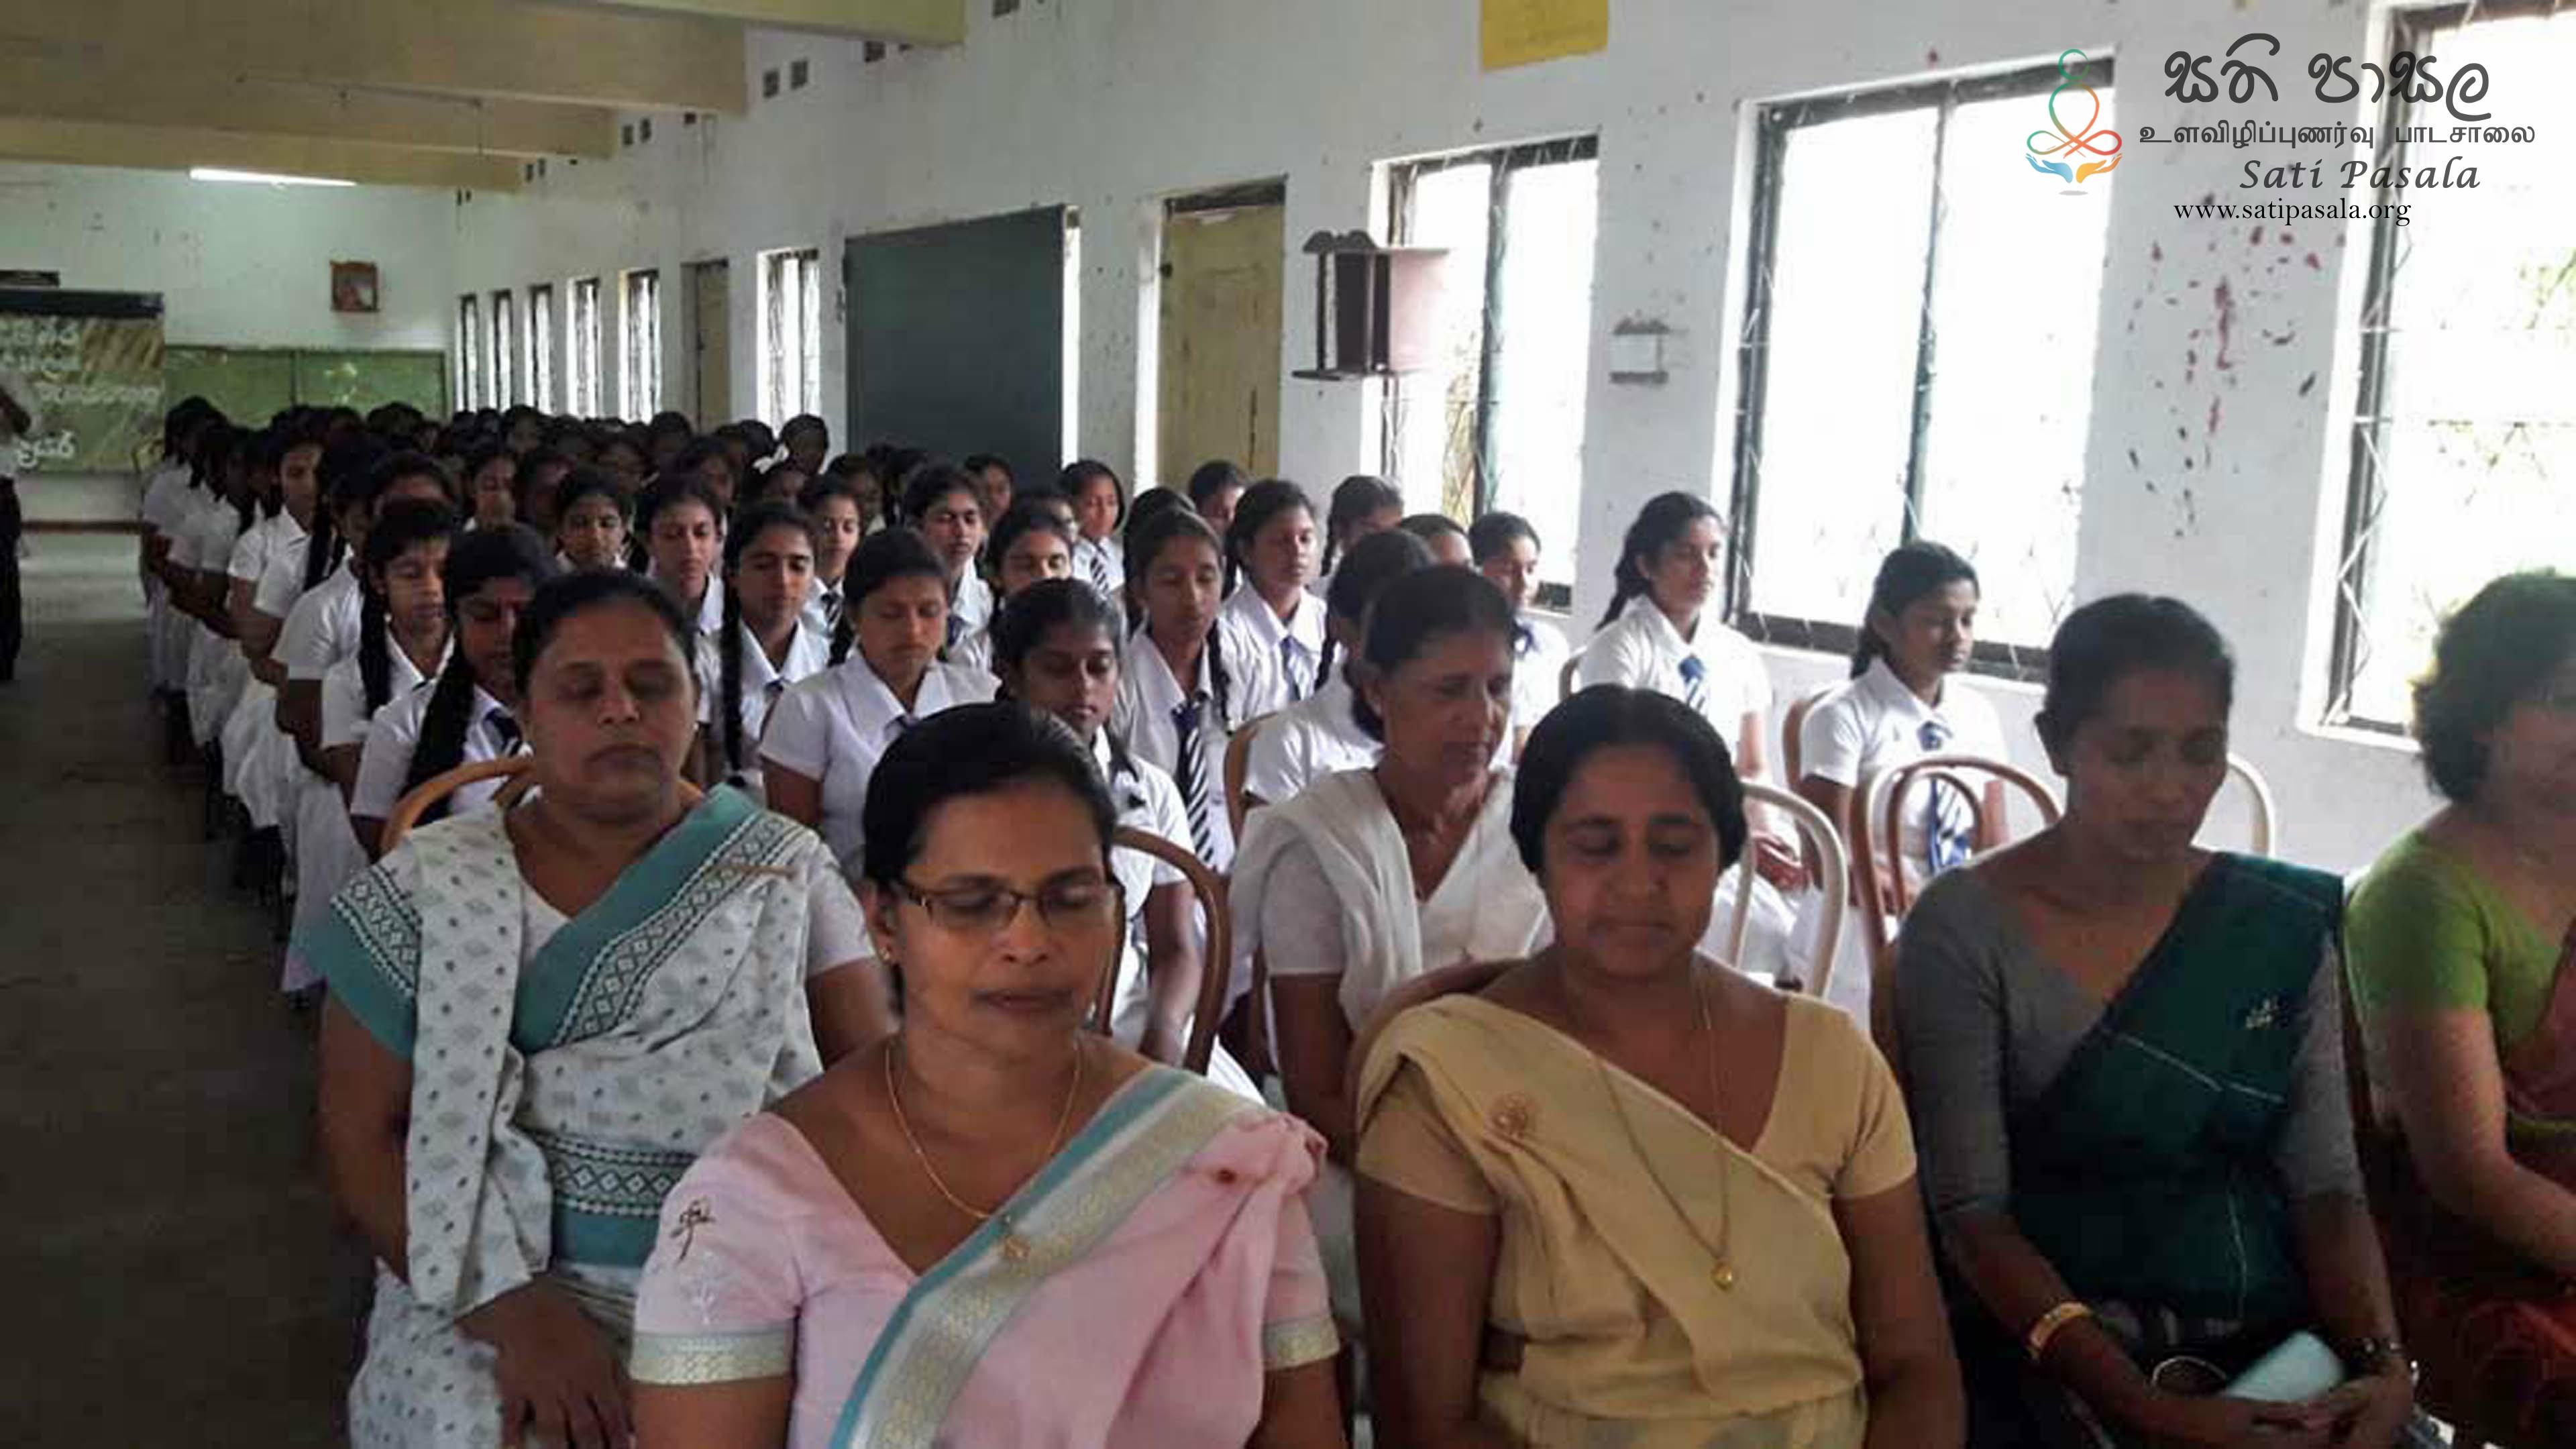 Sati Pasala program at Paathadumbara Maha Vidyalaya, Walala, Menikhinna